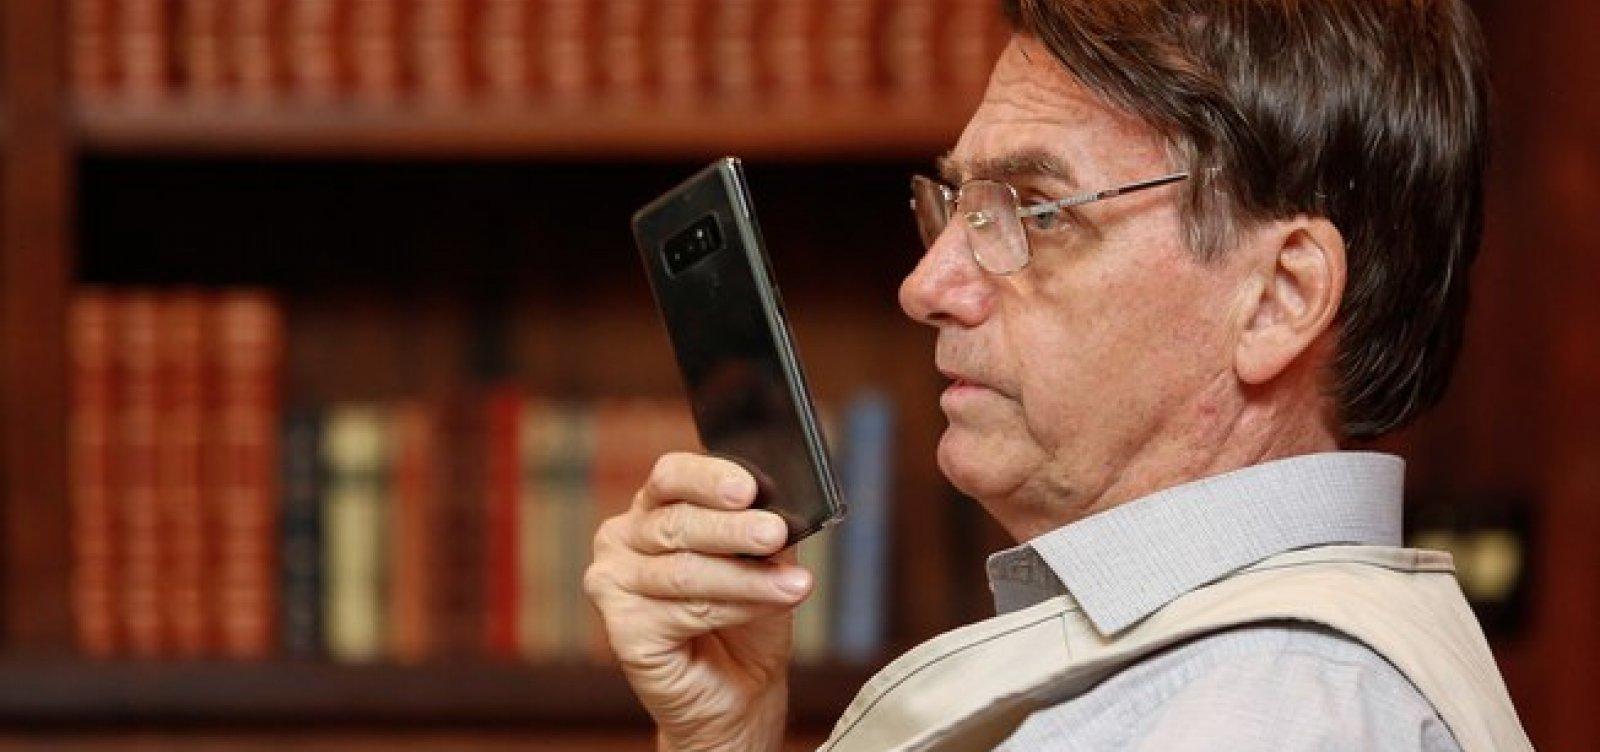 [Aprovação a Bolsonaro chega a 62% entre seguidores de rede social]